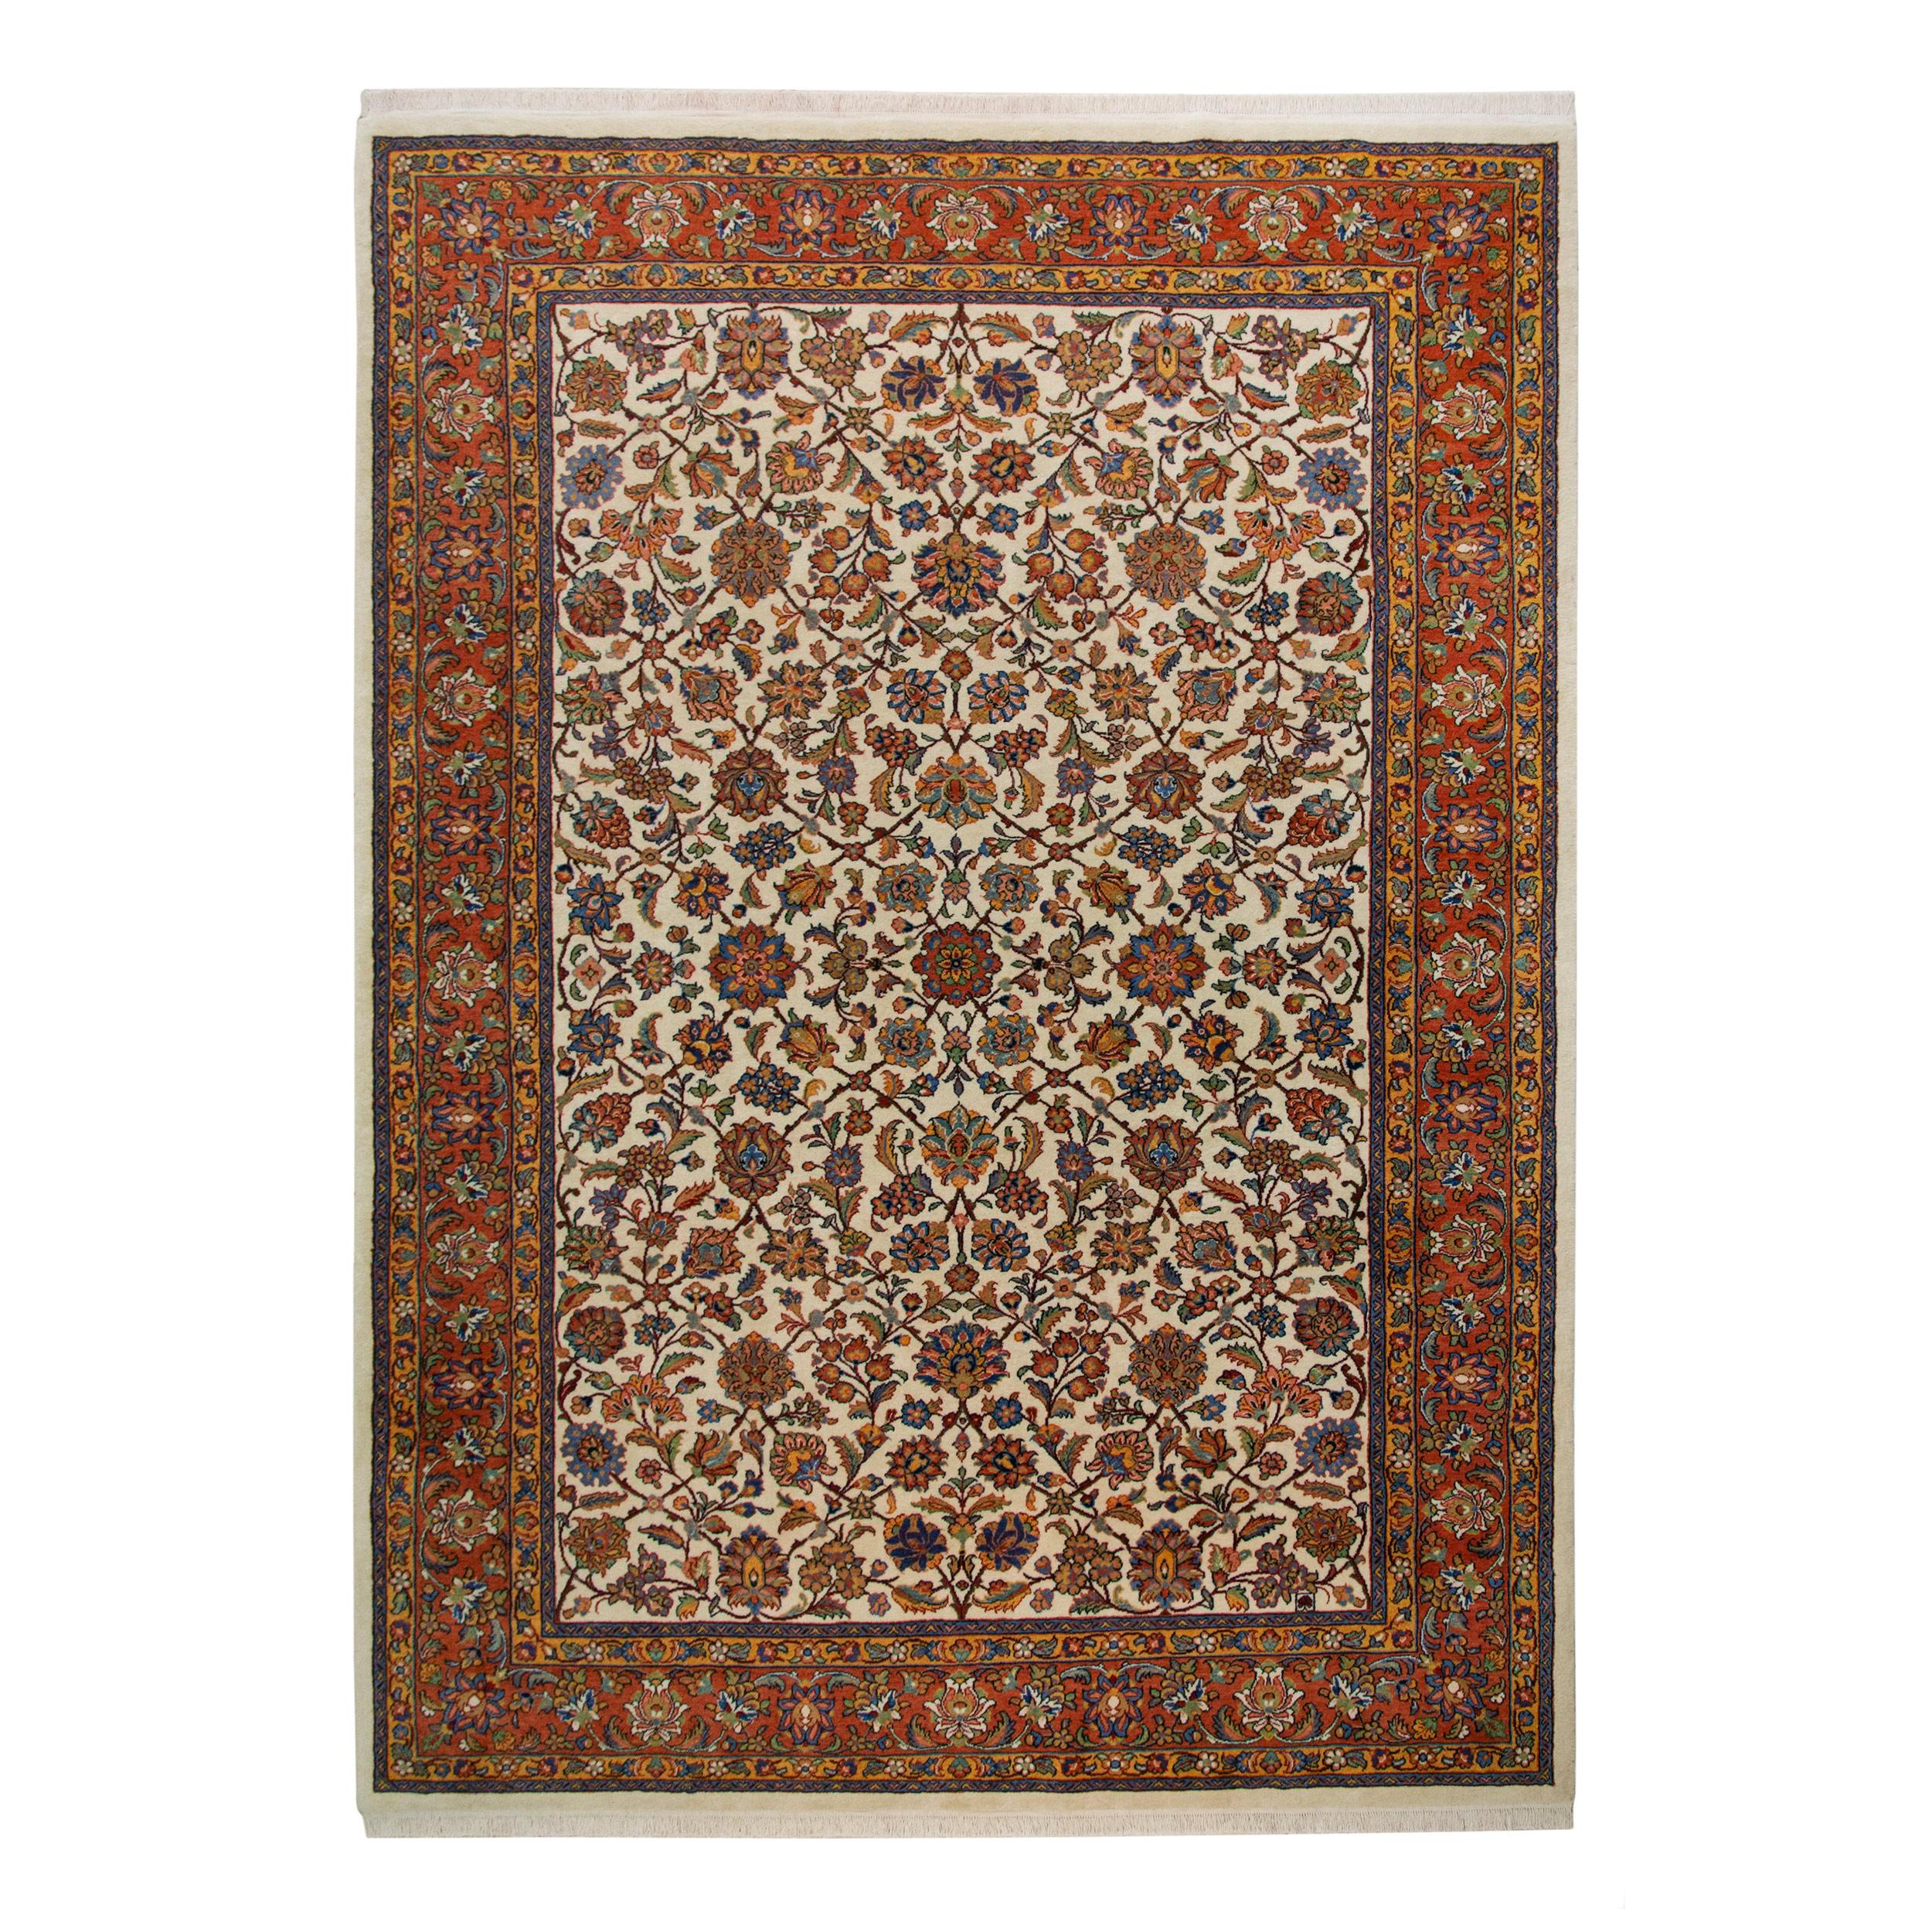 فرش دستباف شش و نیم متری فرش فراهان مدل لچک و ترنج کد 121374